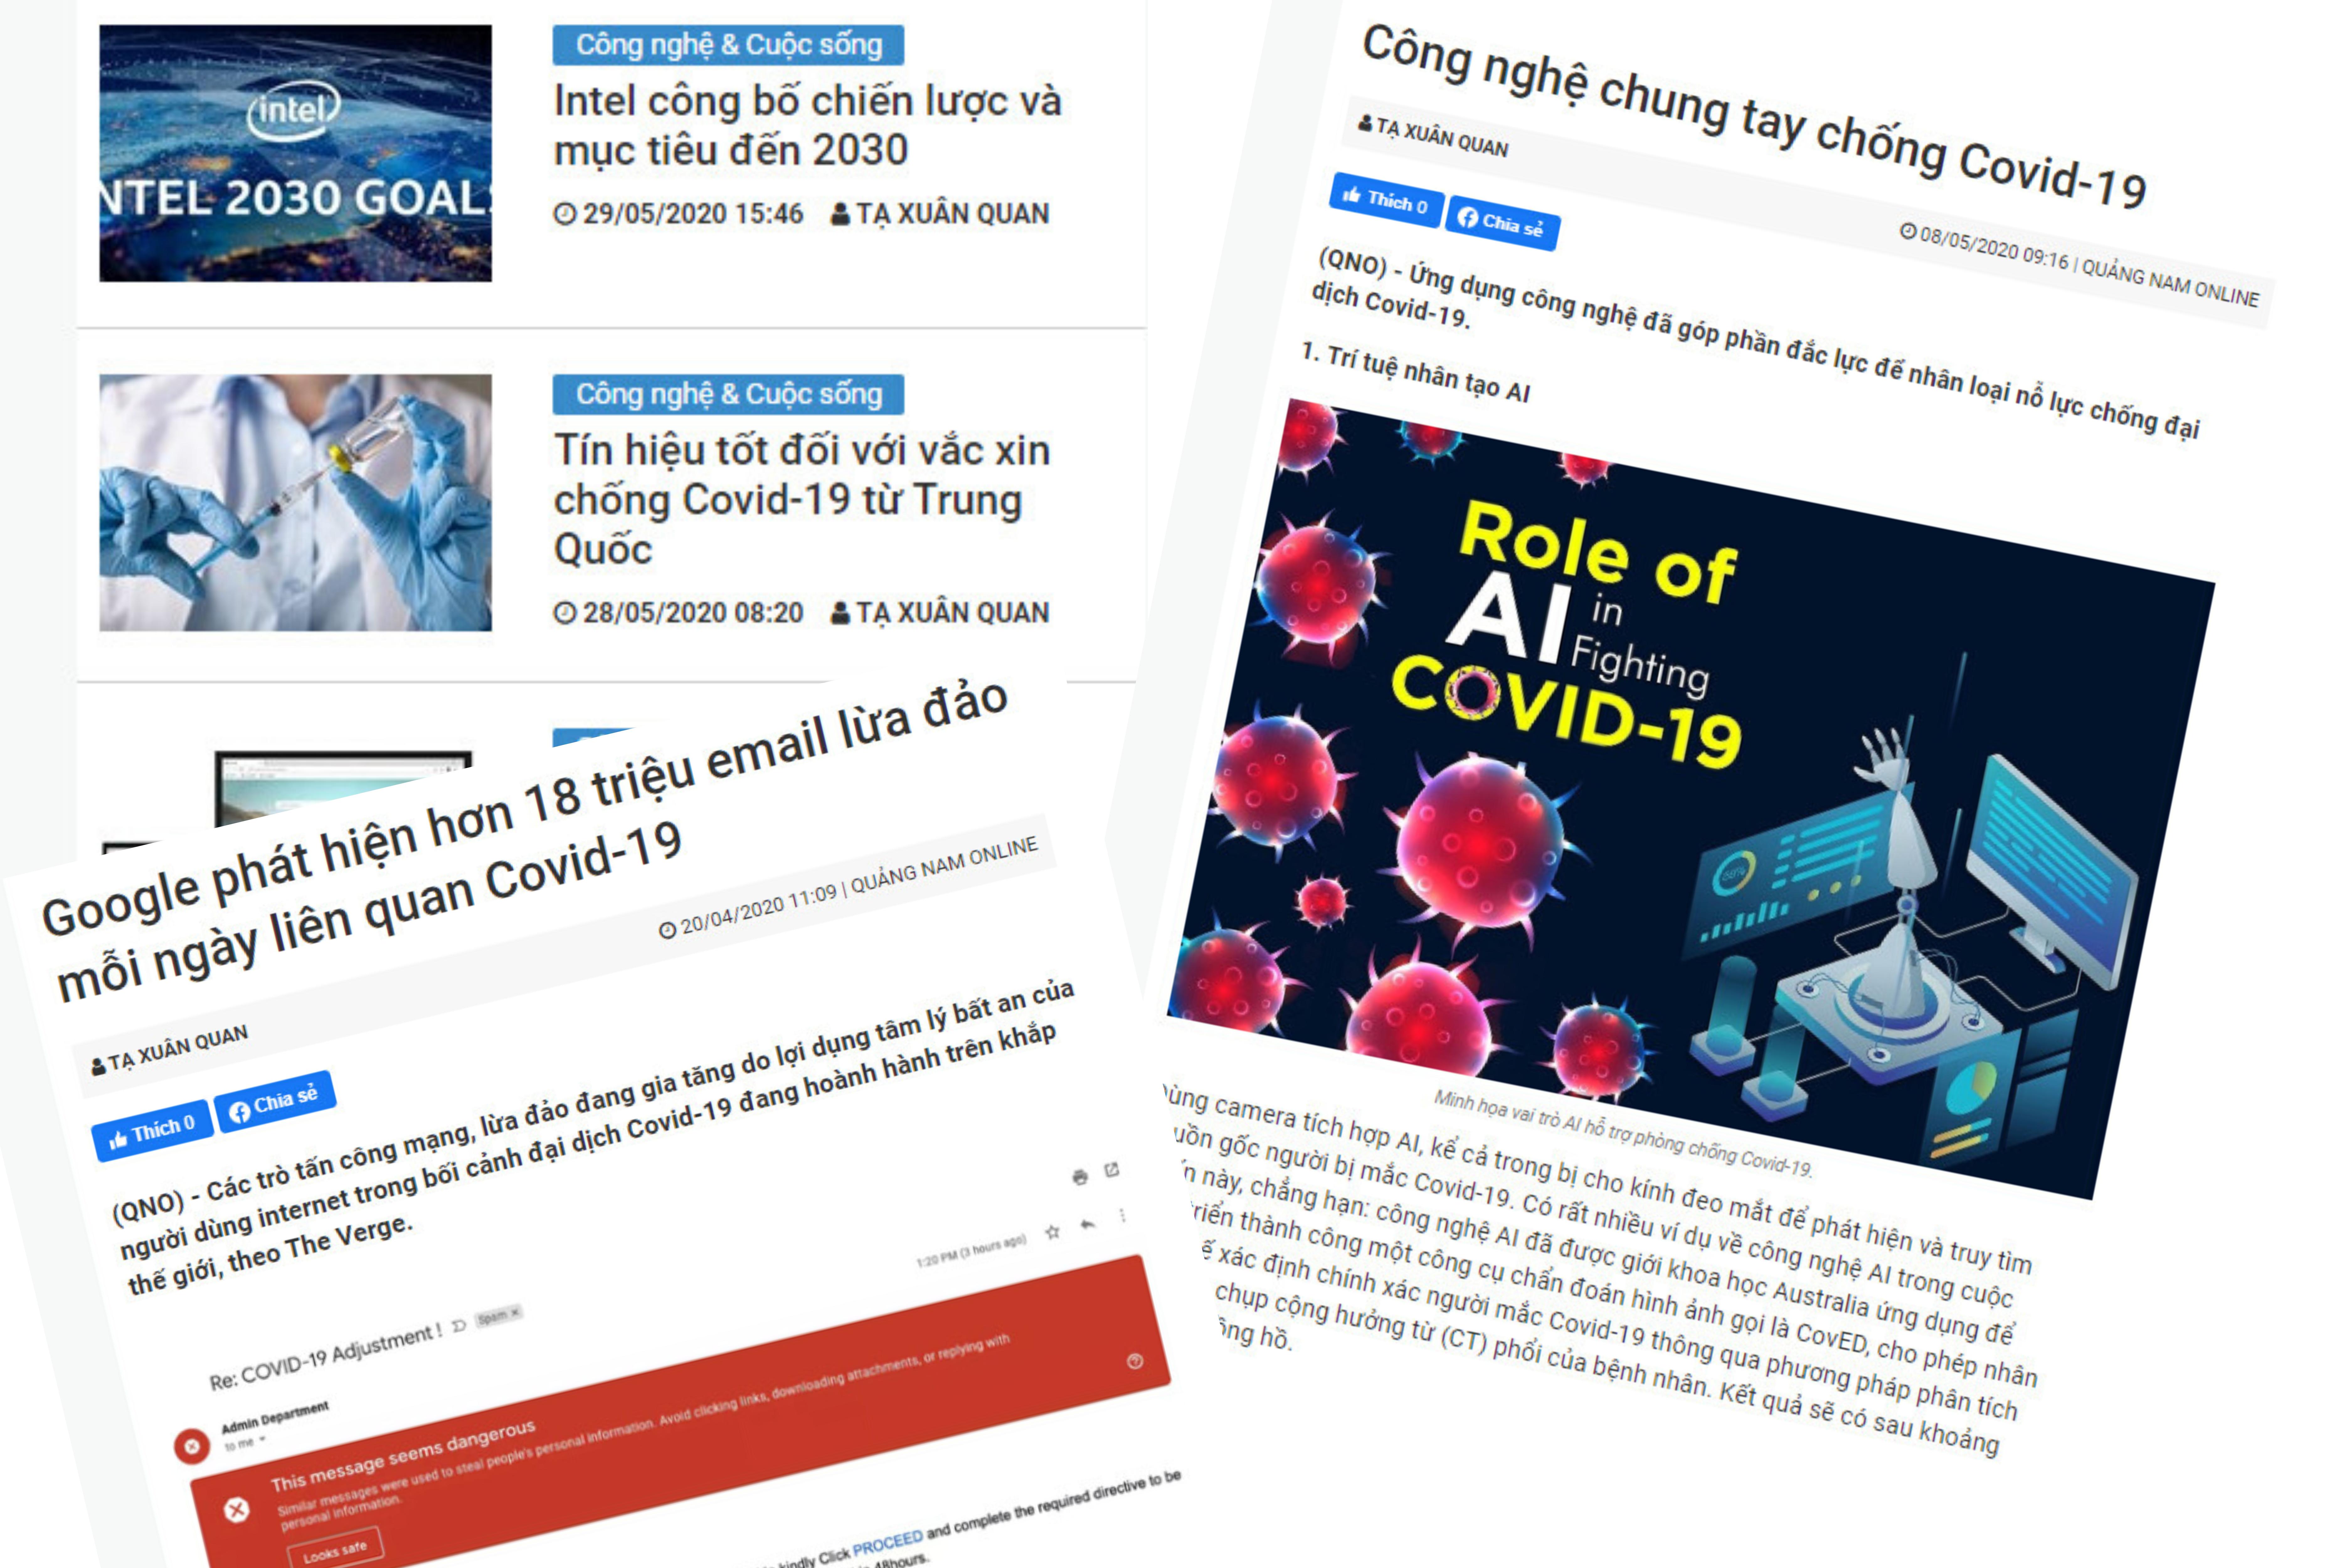 Những bài báo của CTV Tạ Xuân Quan ở chuyên mục Công nghệ đời sống của báo Quảng Nam online. Ảnh: TH.TRÍ